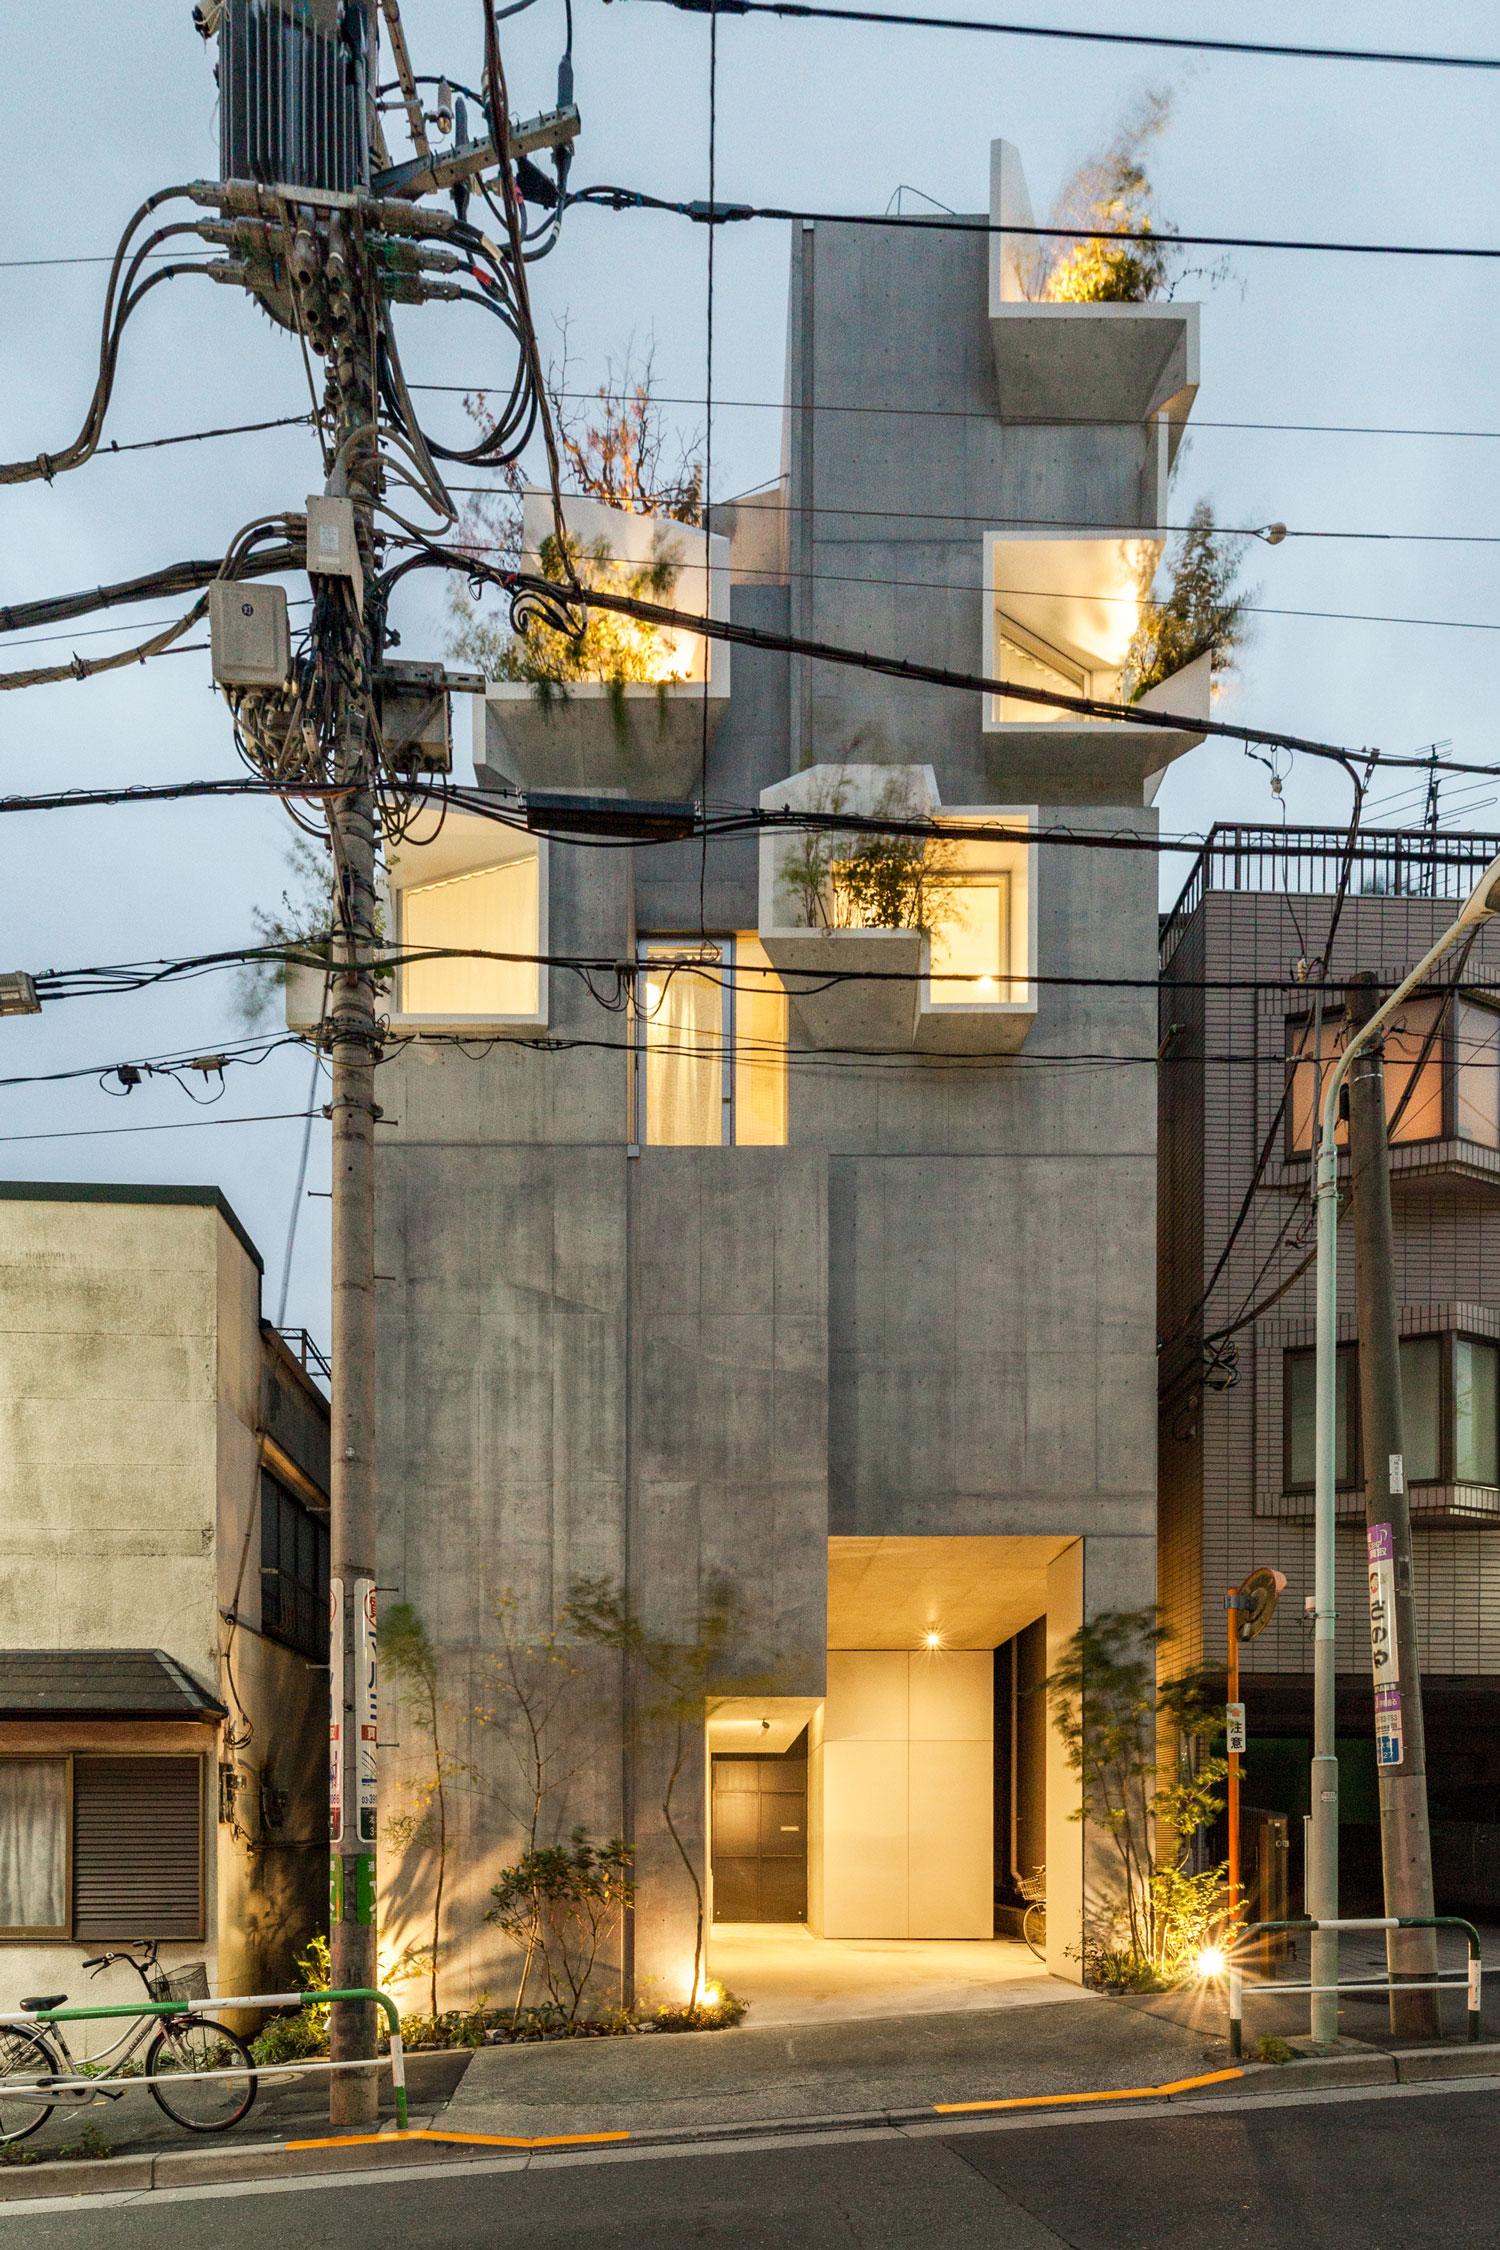 Tree-ness-House-Toshima-Japan-by-Akihisa-Hirata-Yellowtrace-23.jpg